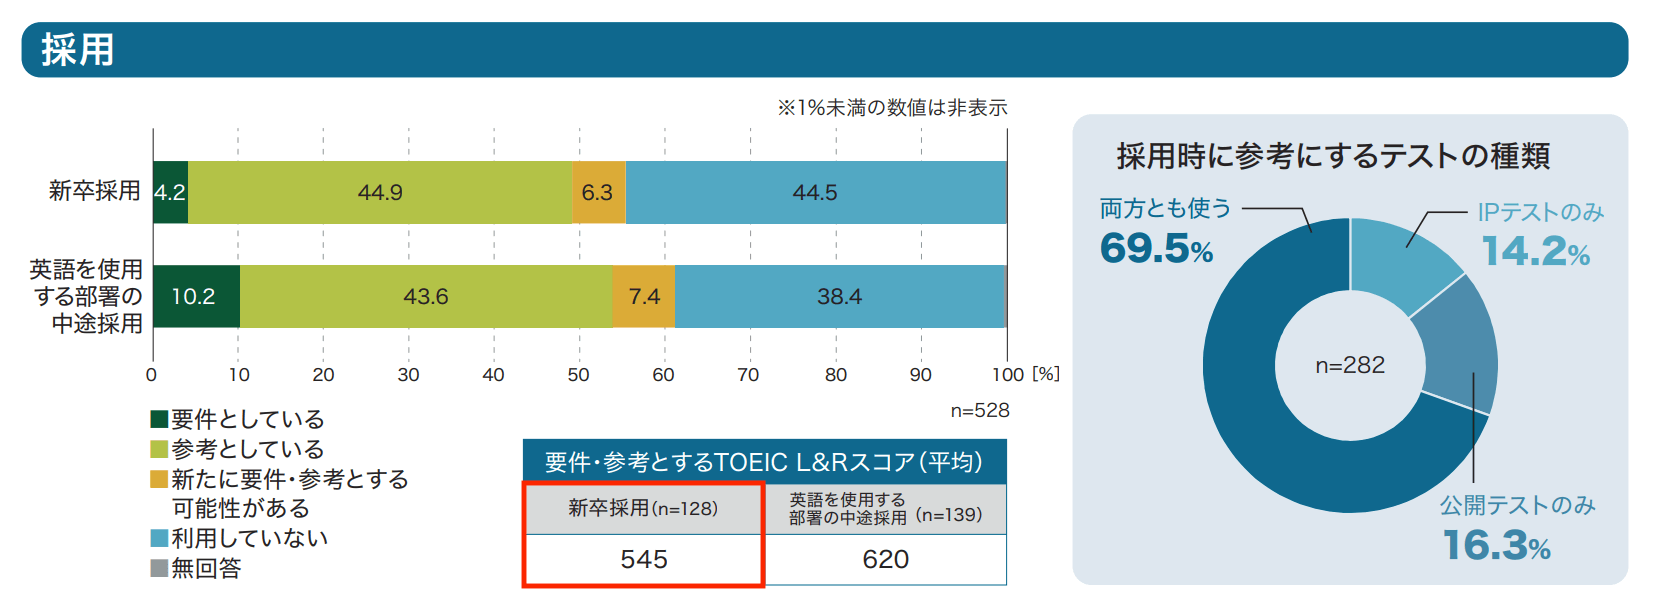 【大学生向け】TOEIC800点の就活市場での評価